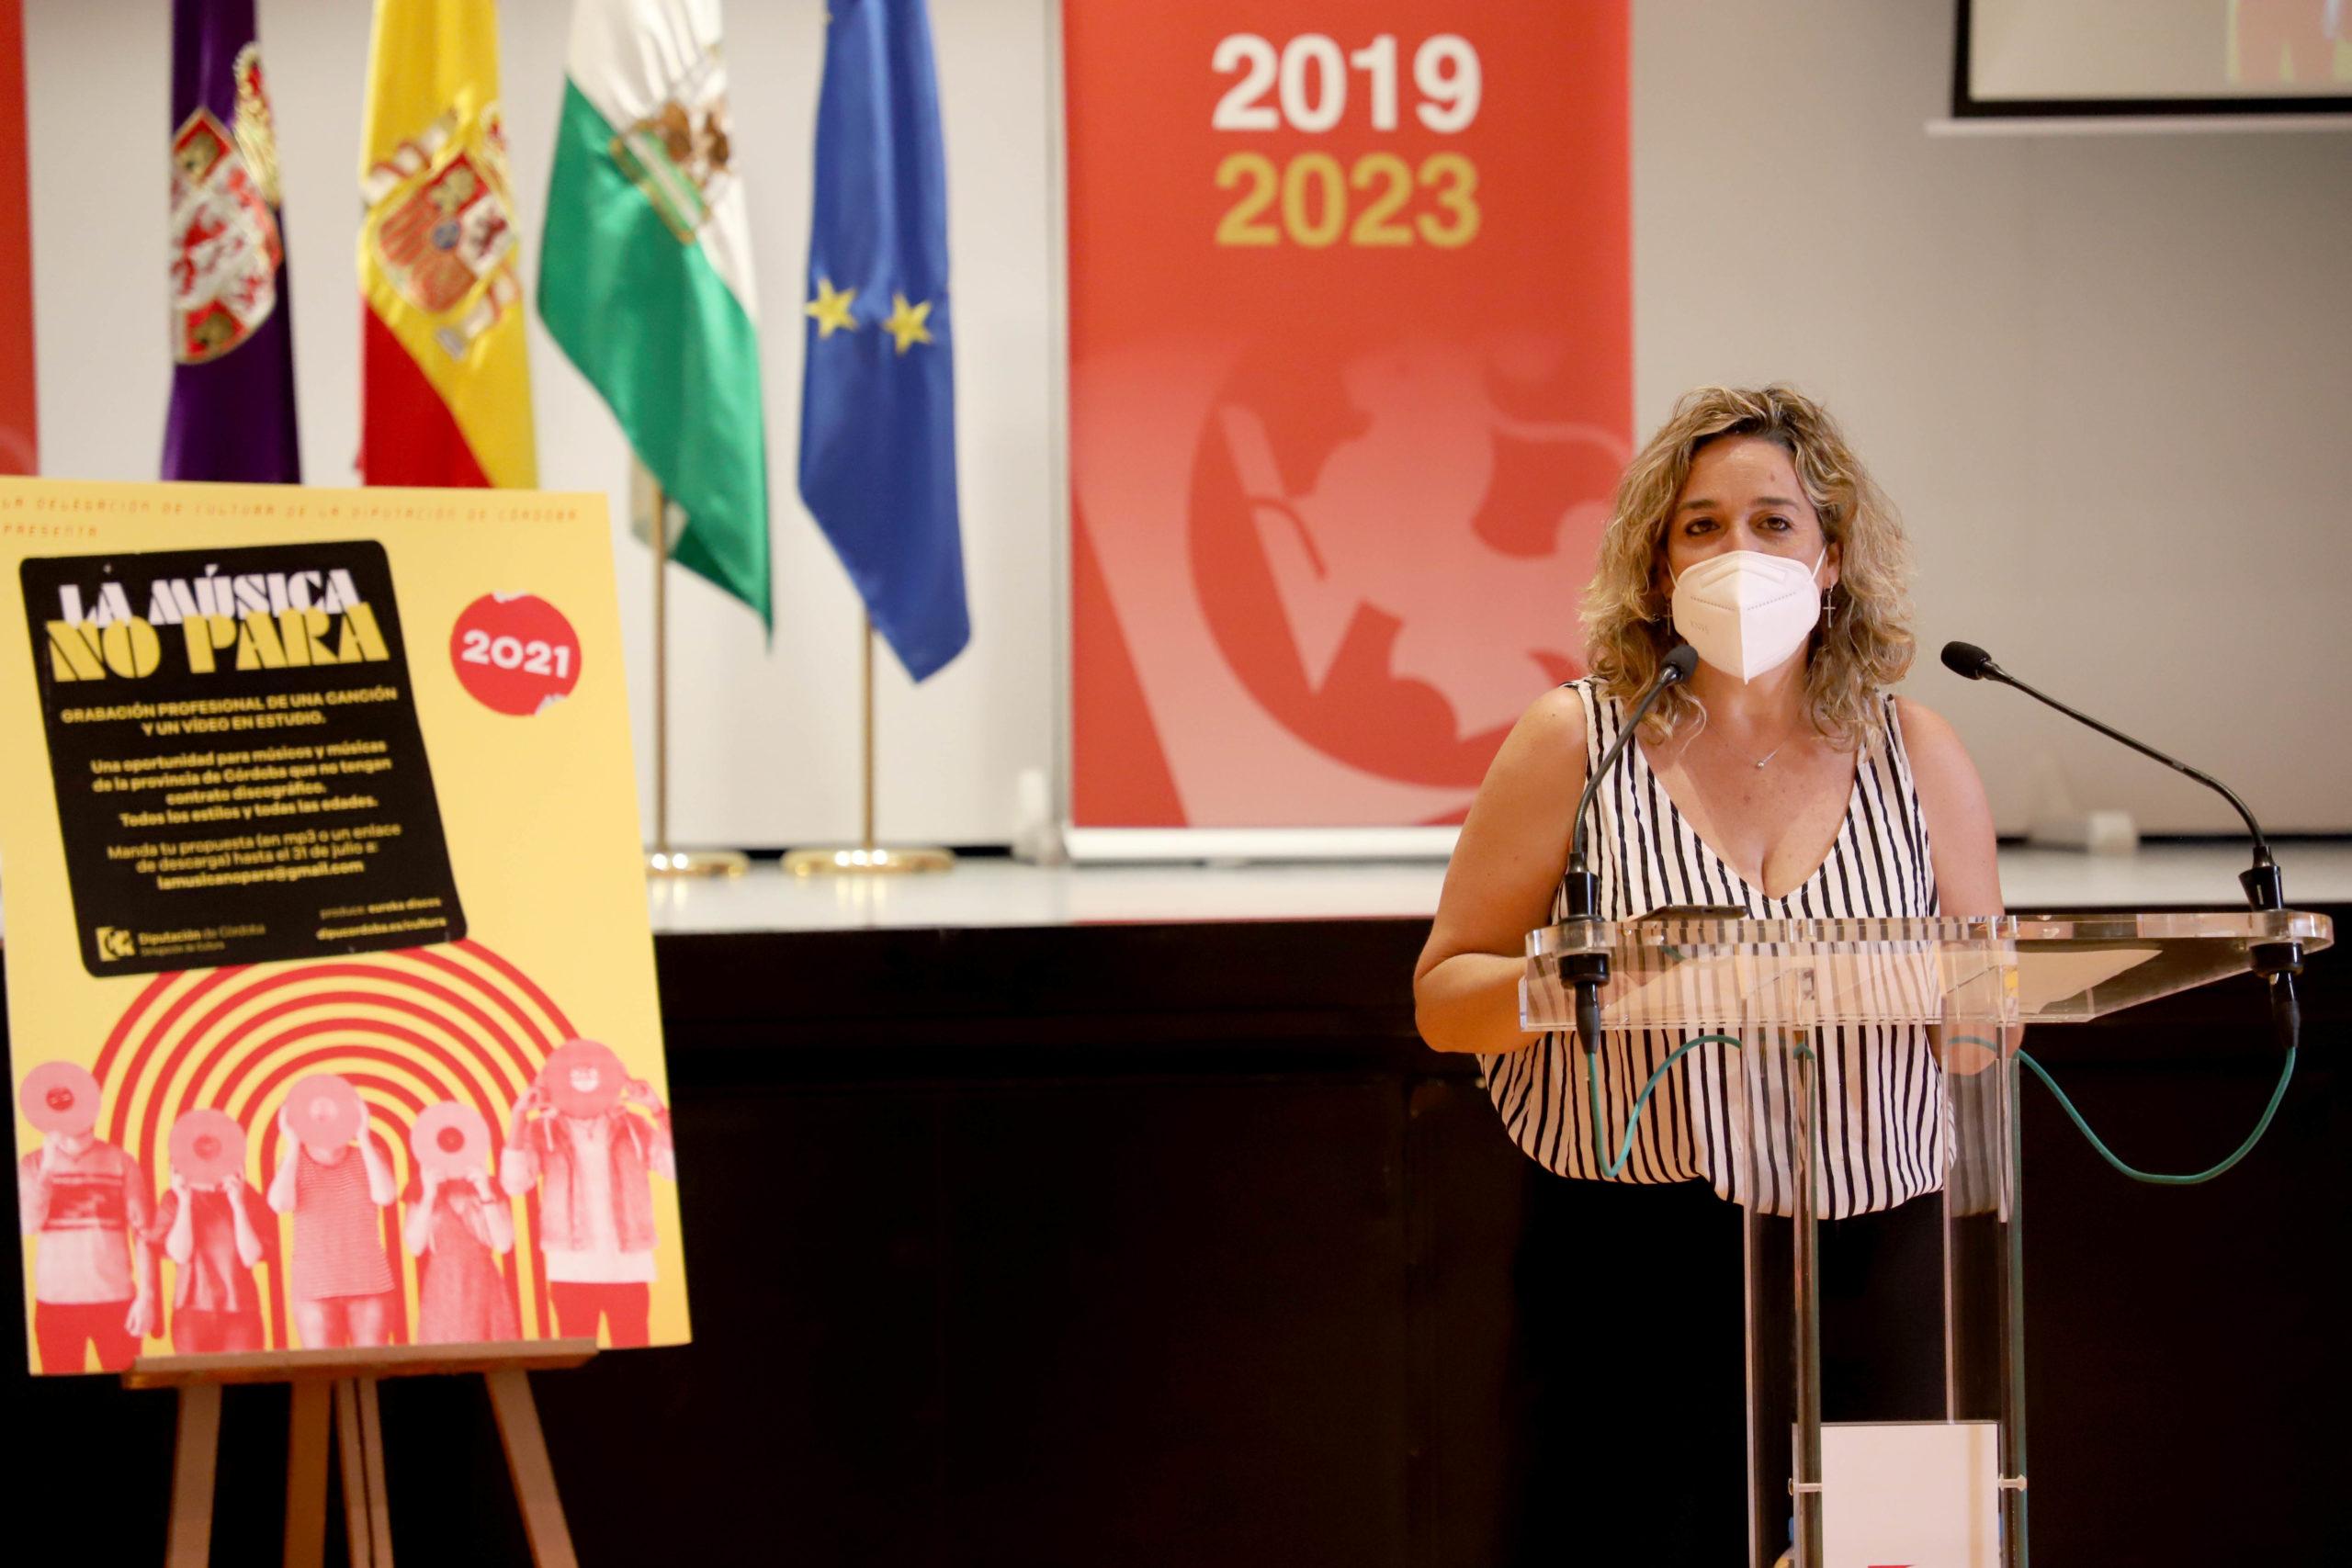 'La música no para' se cierra con 6 trabajos seleccionados de los más de 70 presentados en toda Córdoba